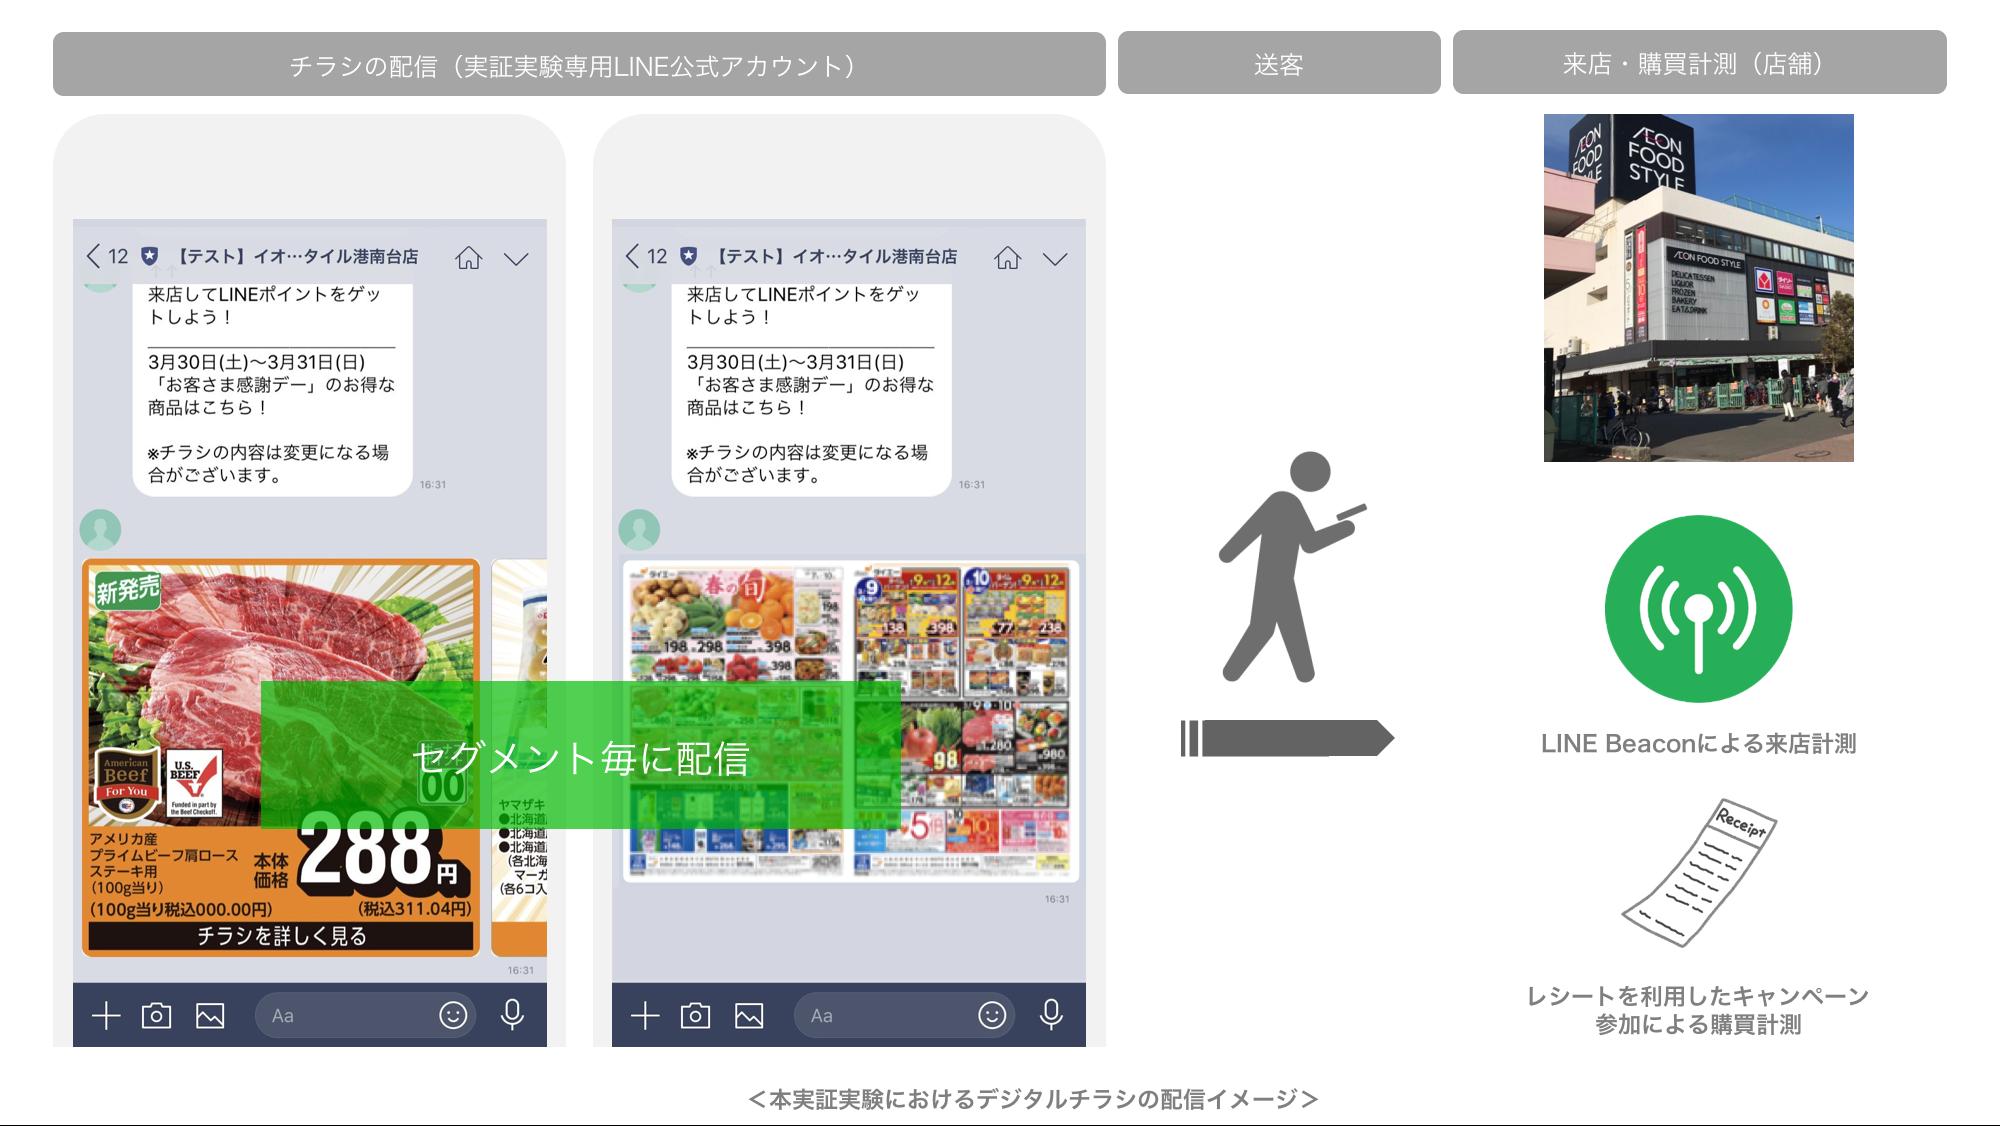 /stf/linecorp/ja/pr/haishin.png